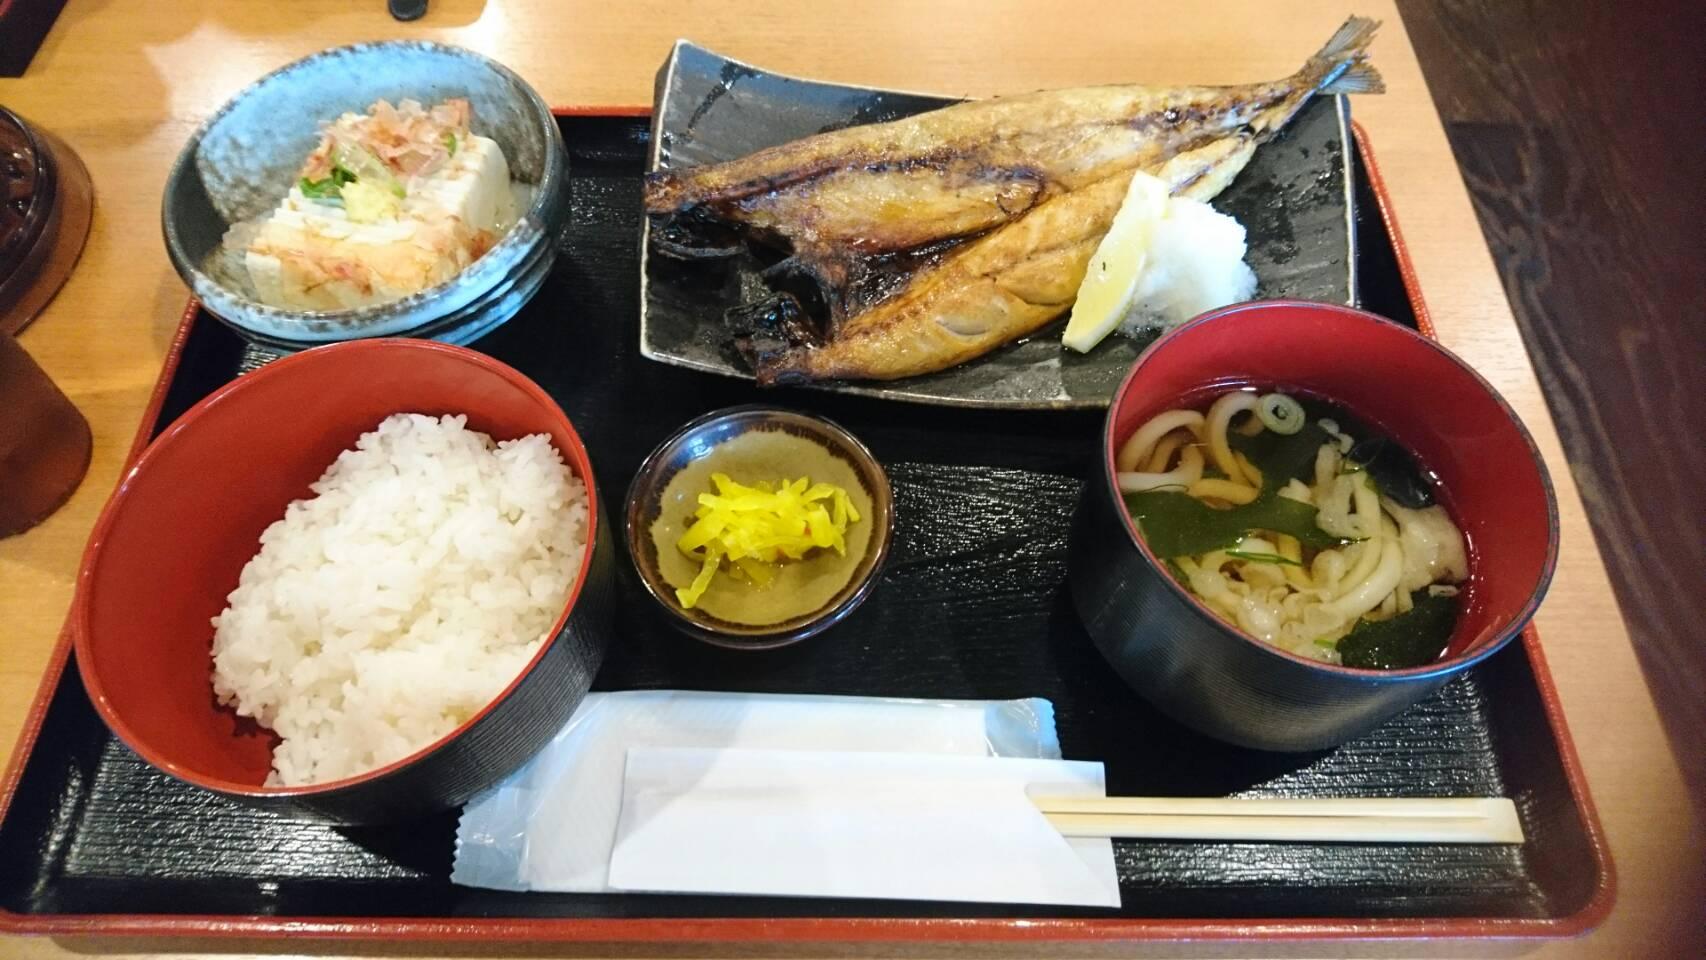 吉祥寺の定食は夜ごはんにもランチにも!安い和食や焼き魚など美味しいもの厳選!